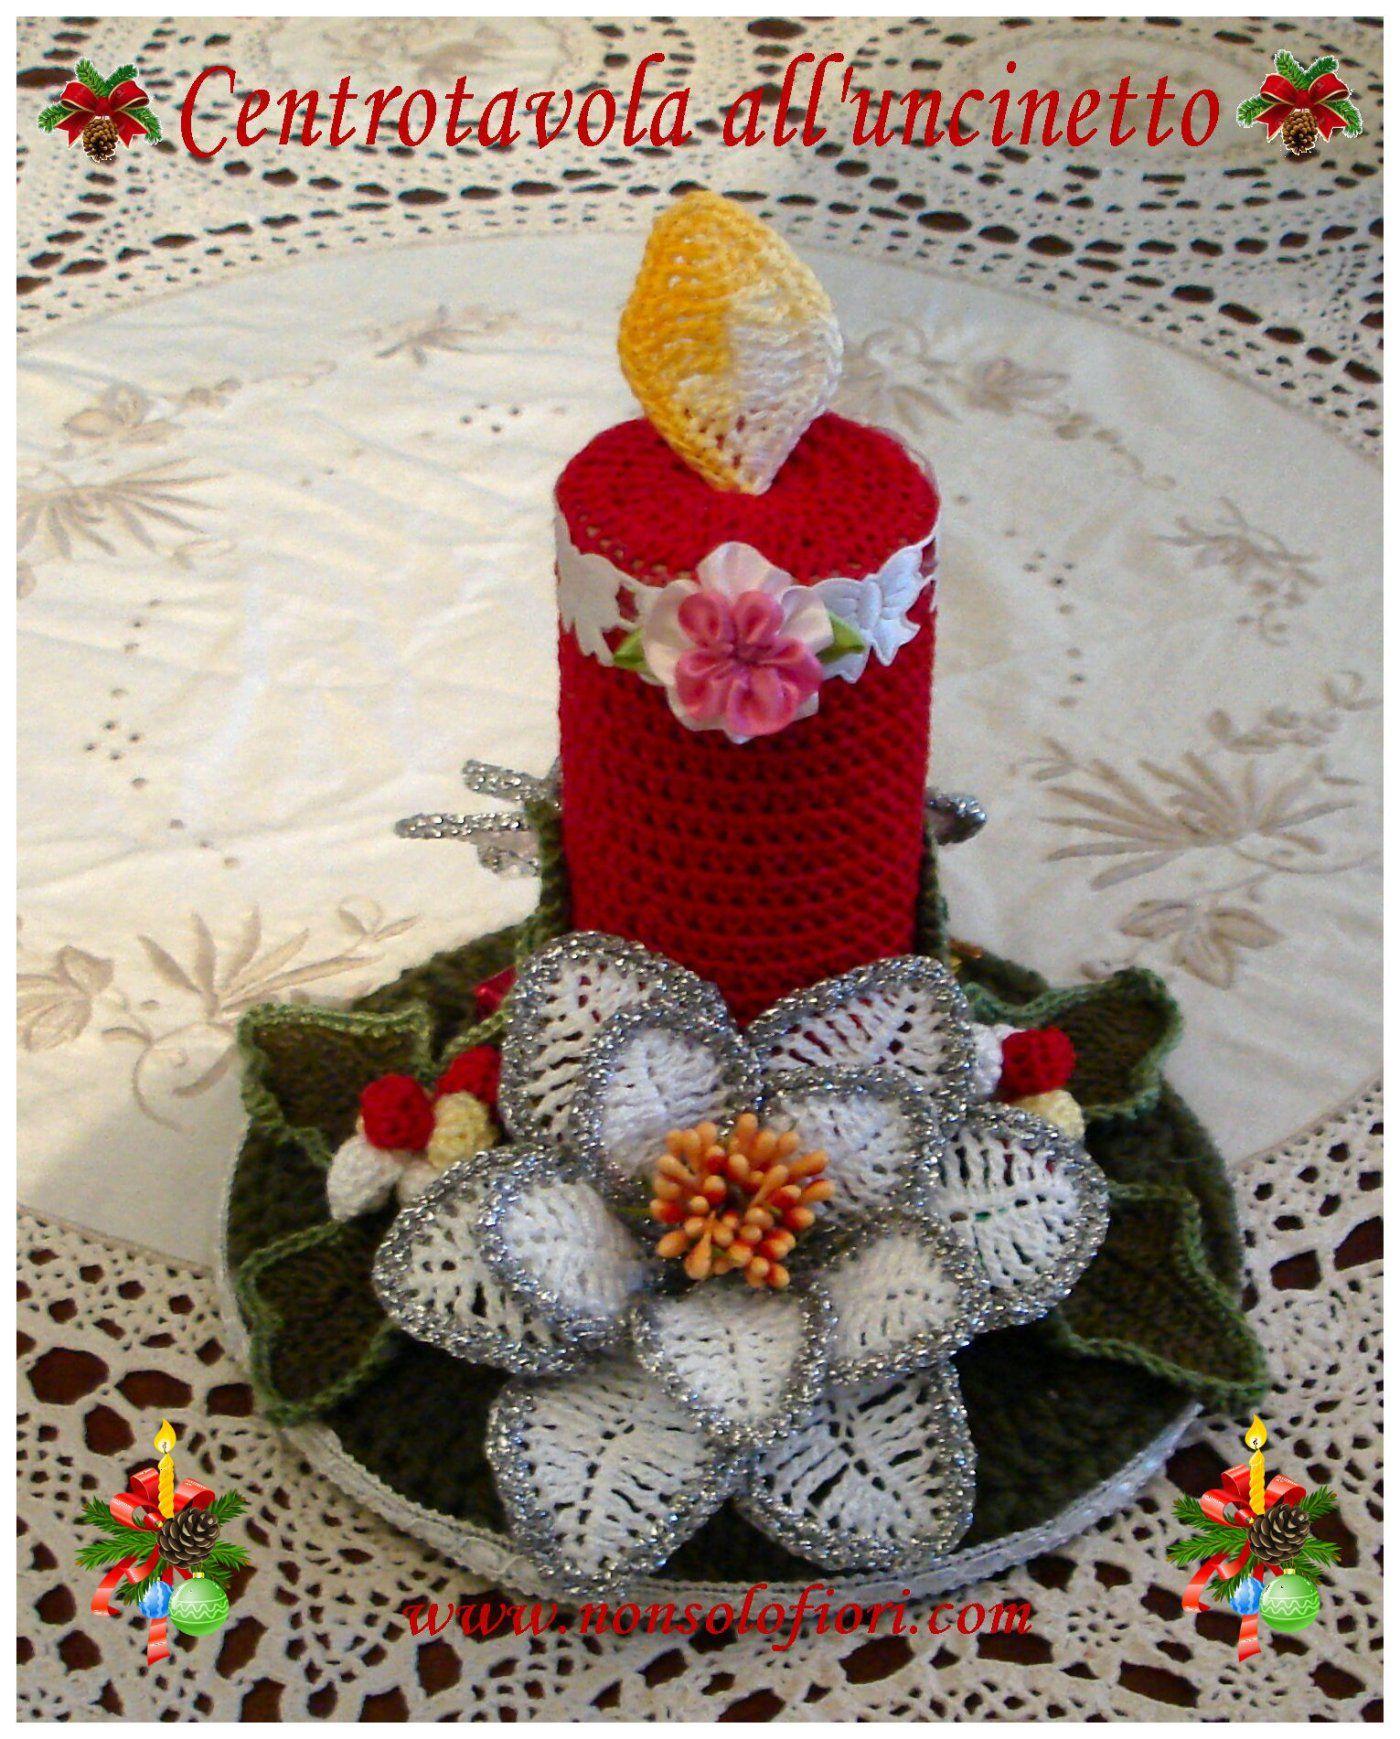 Centrotavola Natalizio Alluncinetto Con Cero Stelle Di Natale